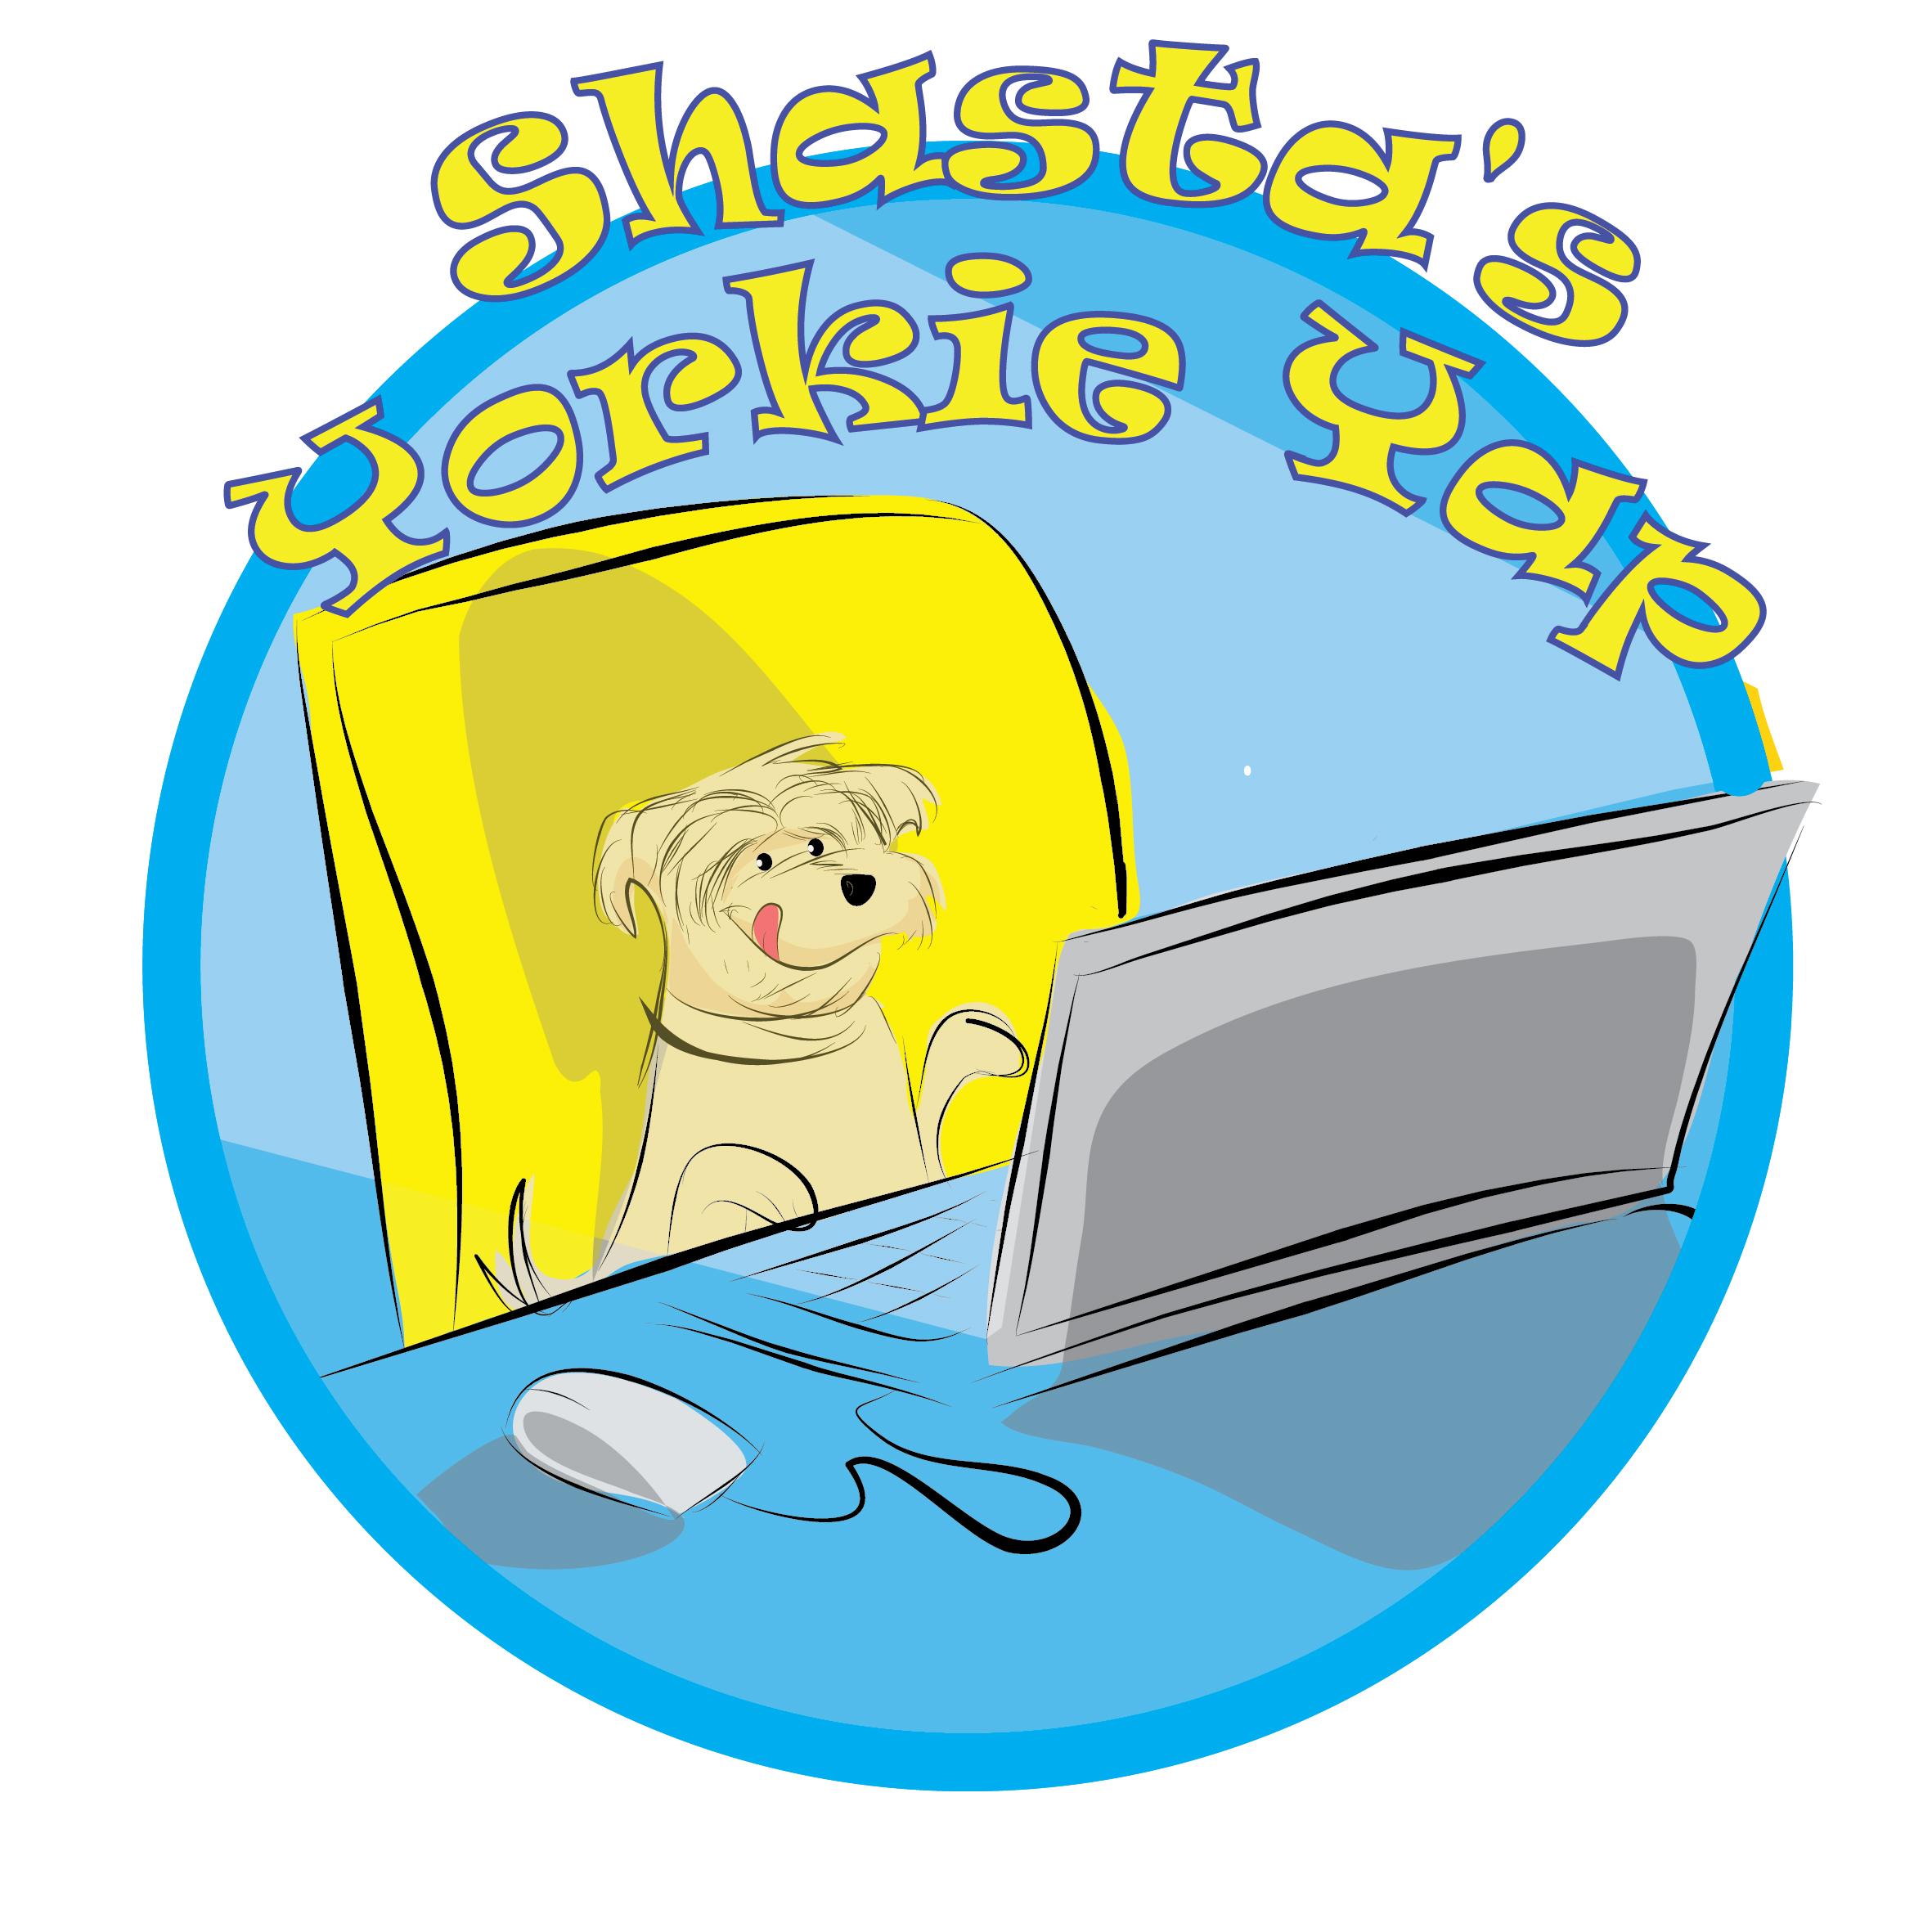 2362x2362 About Denise's Dog Dish Amp Shasta's Yorkie Yapdenise's Dog Dish